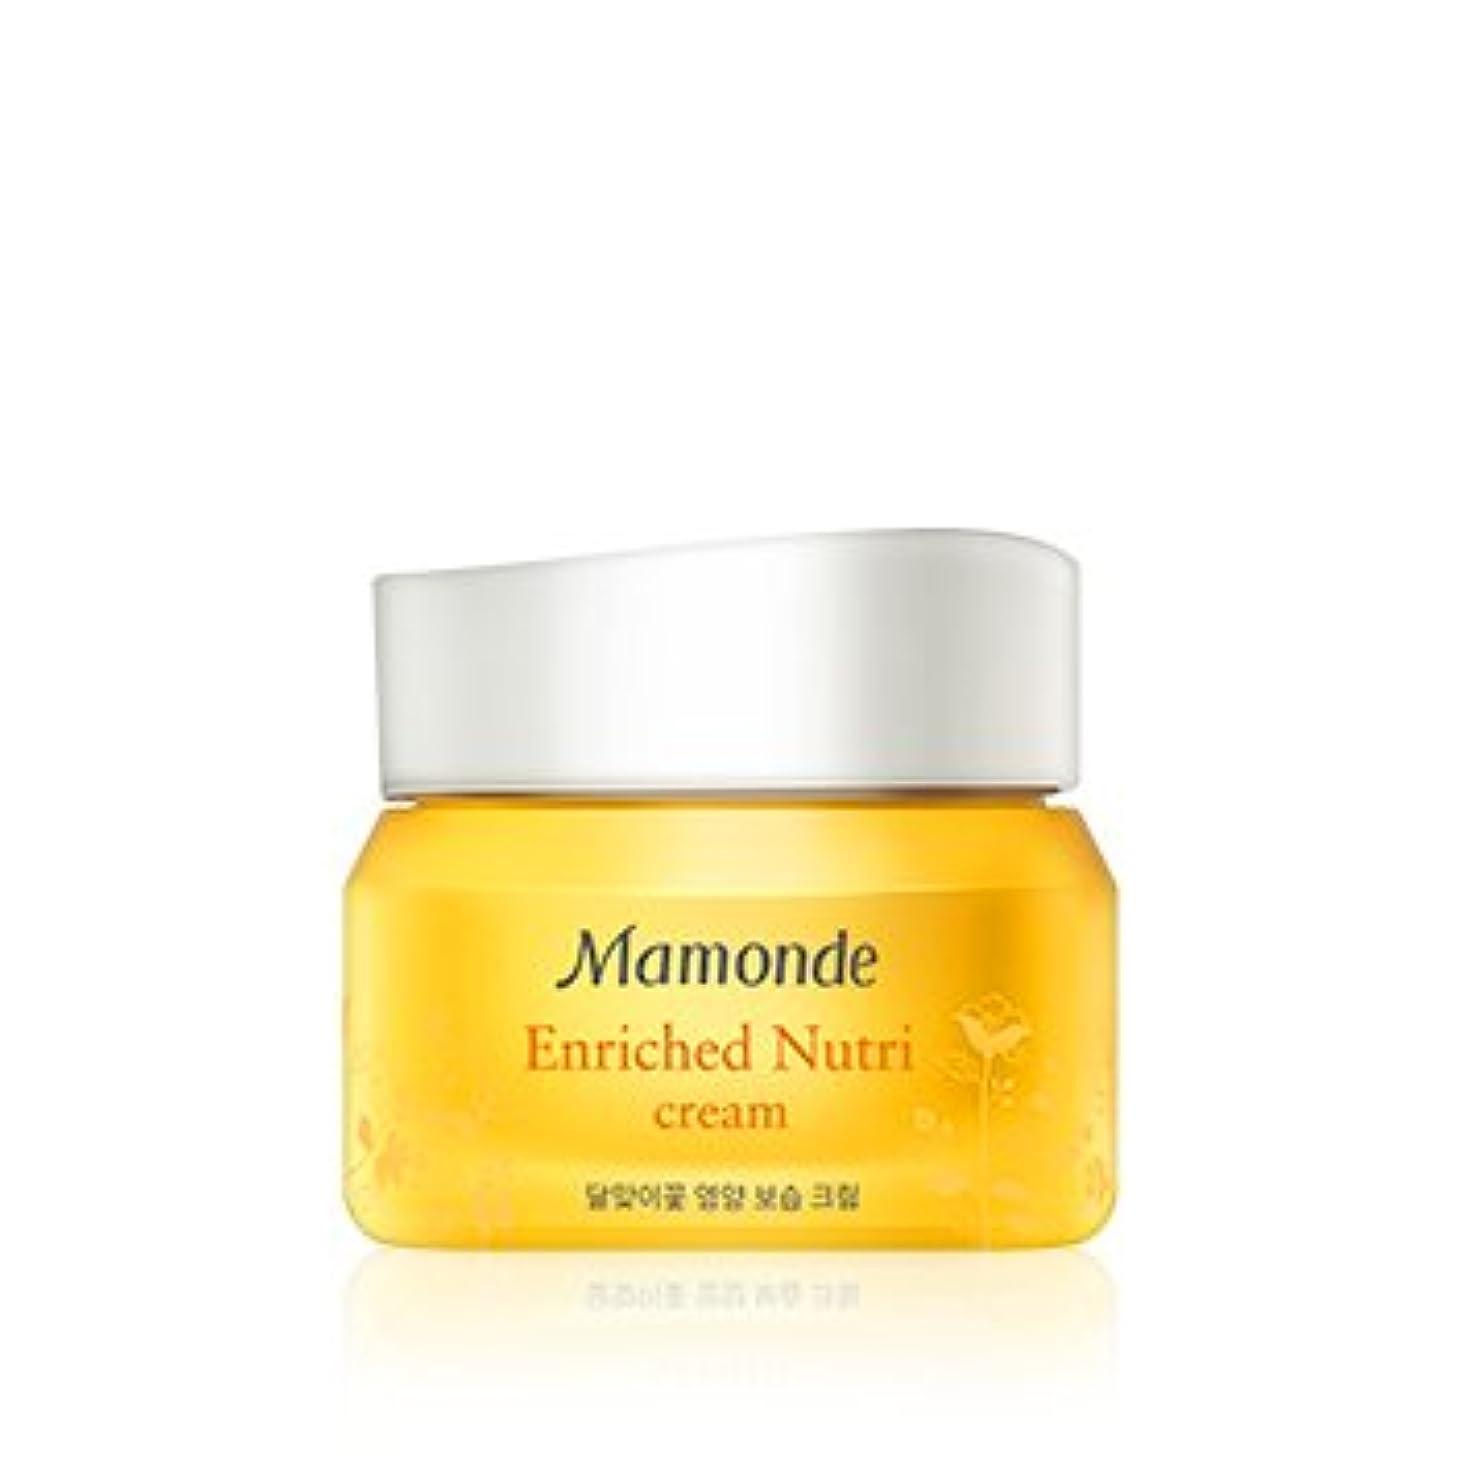 物理学者レンダリング拒絶する[New] Mamonde Enriched Nutri Cream 50ml/マモンド エンリッチド ニュートリ クリーム 50ml [並行輸入品]